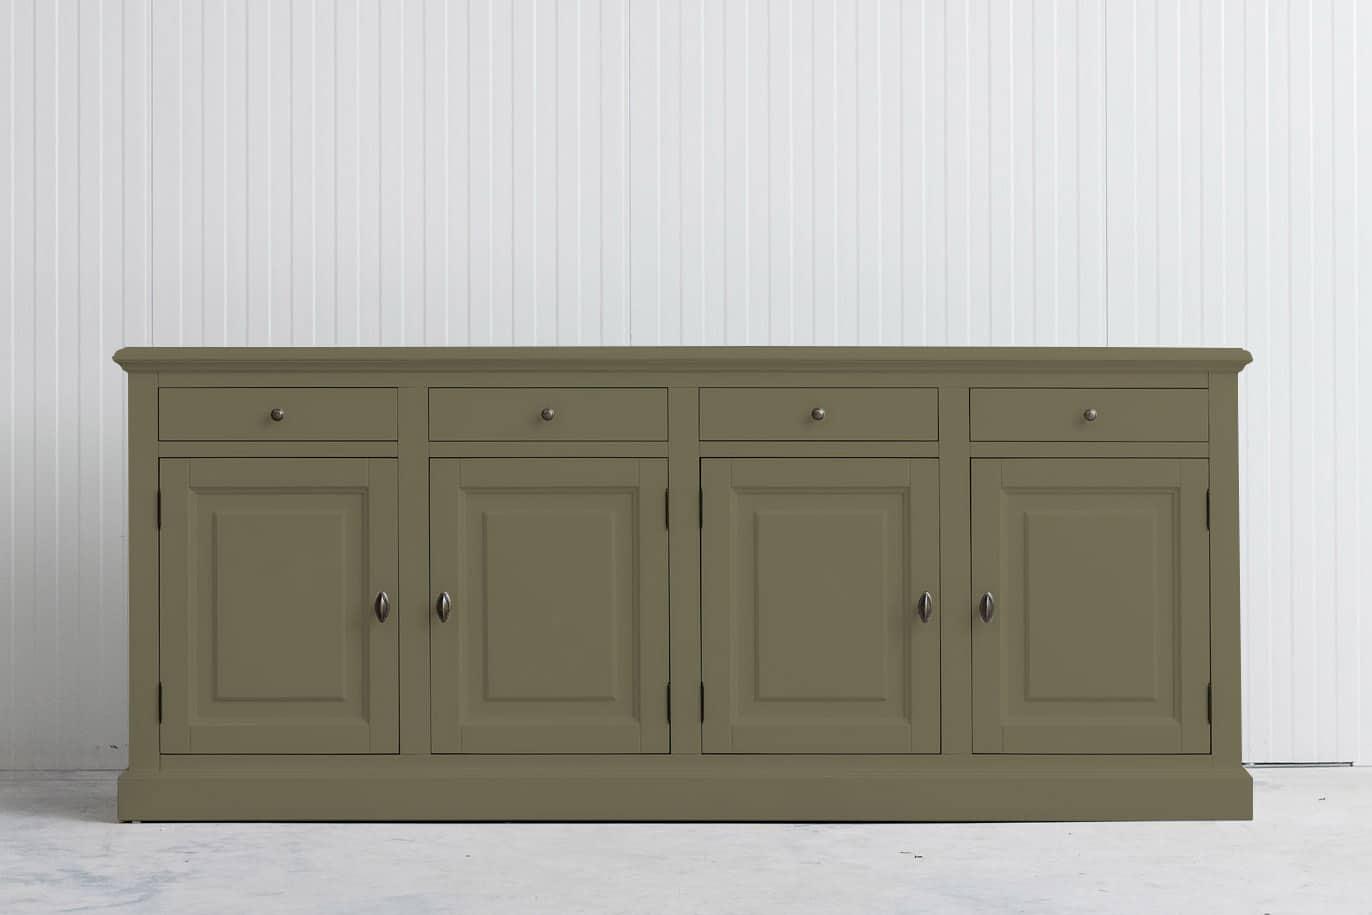 Landelijk dressoir Bo 4×4 rietgroen (RAL 6013)